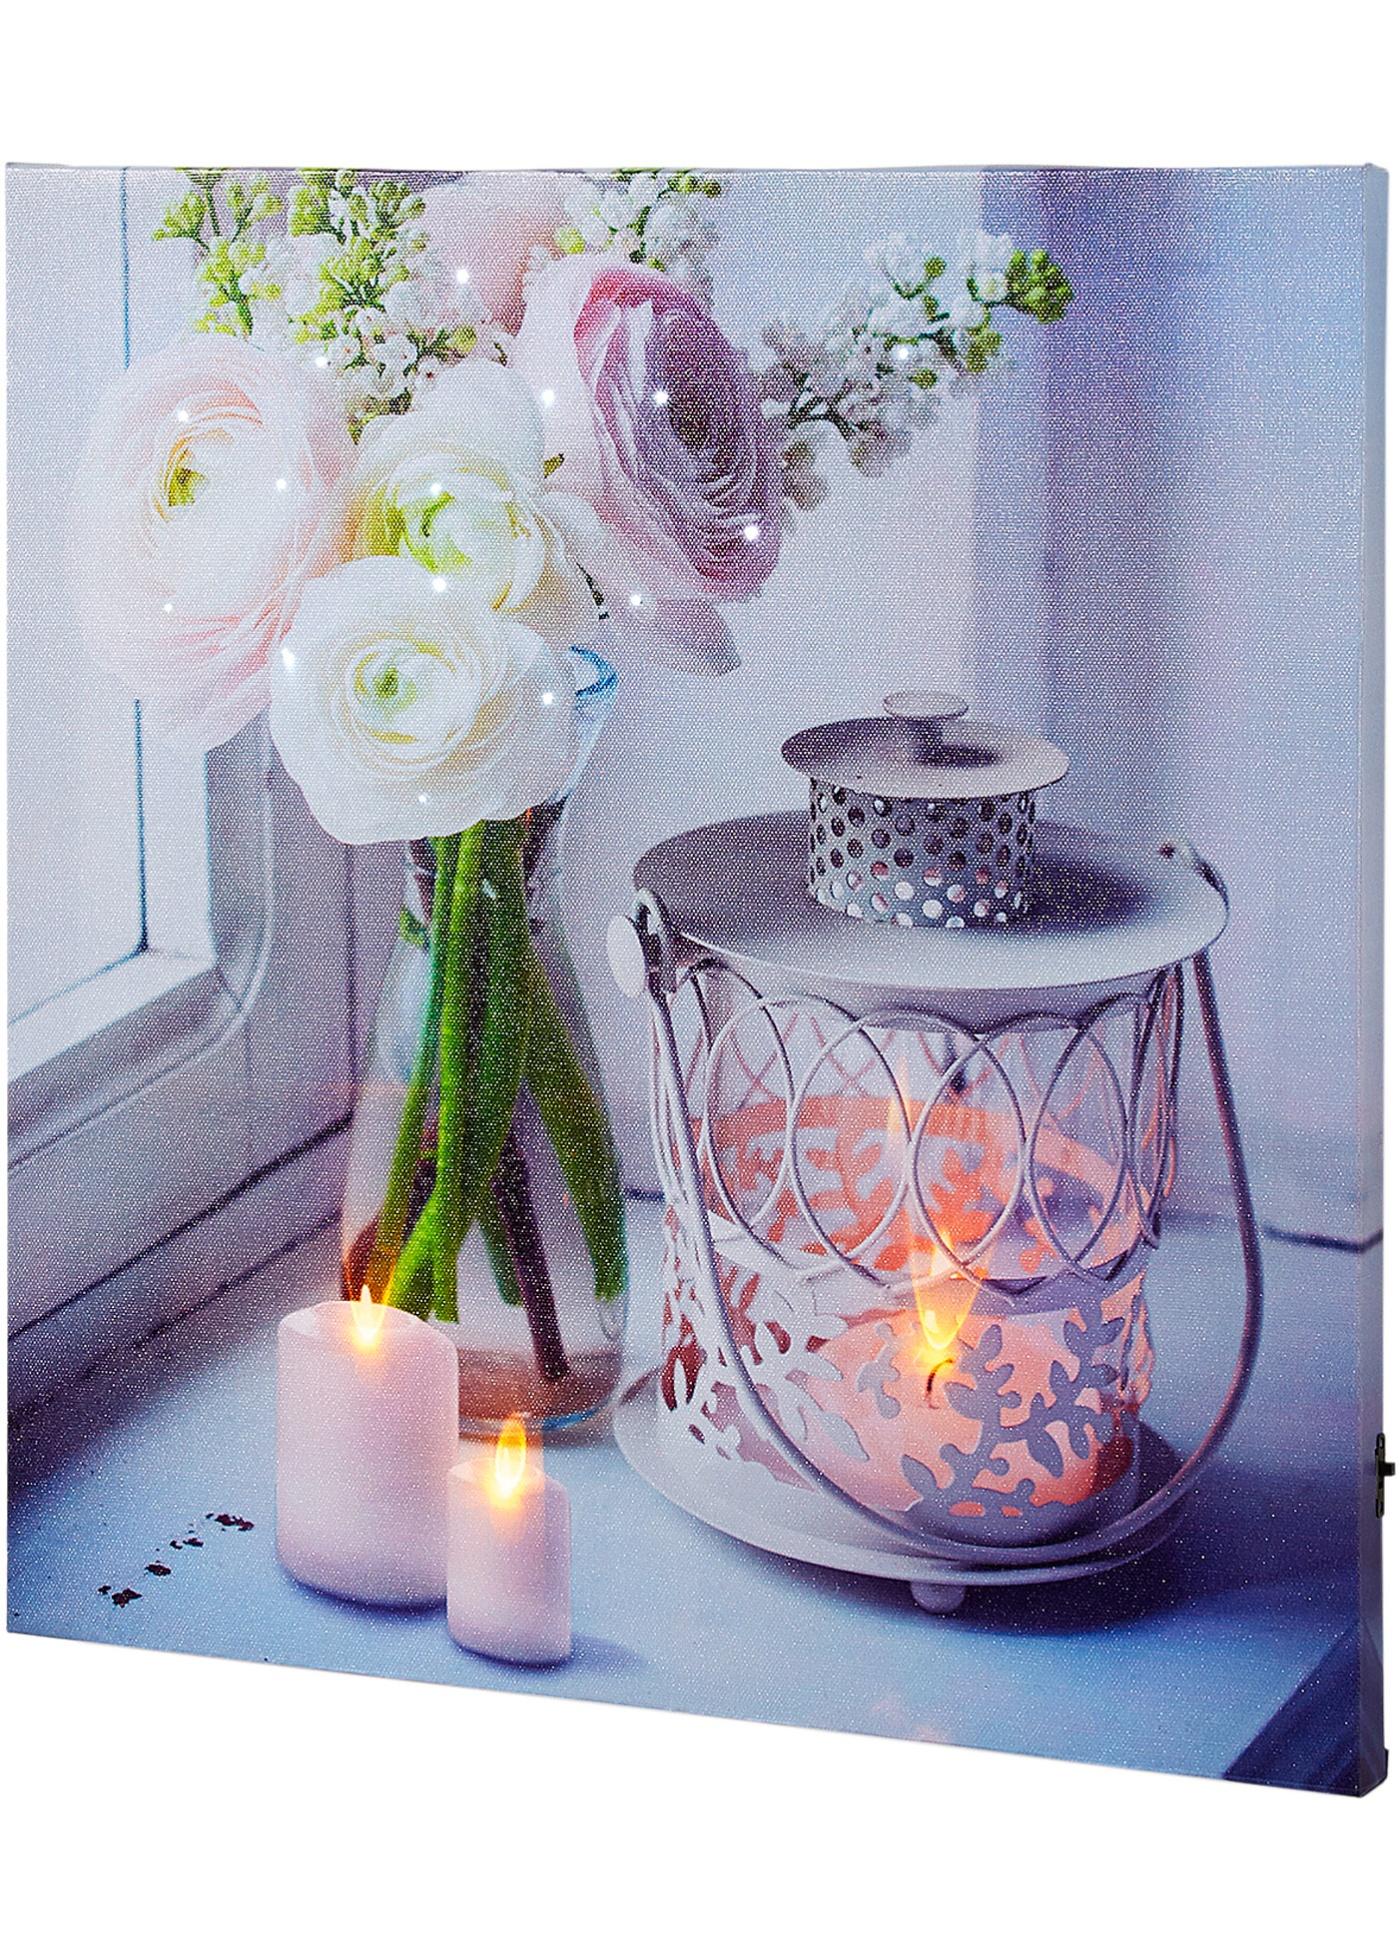 LED Leinwandbild Kerzen & Traumblüte